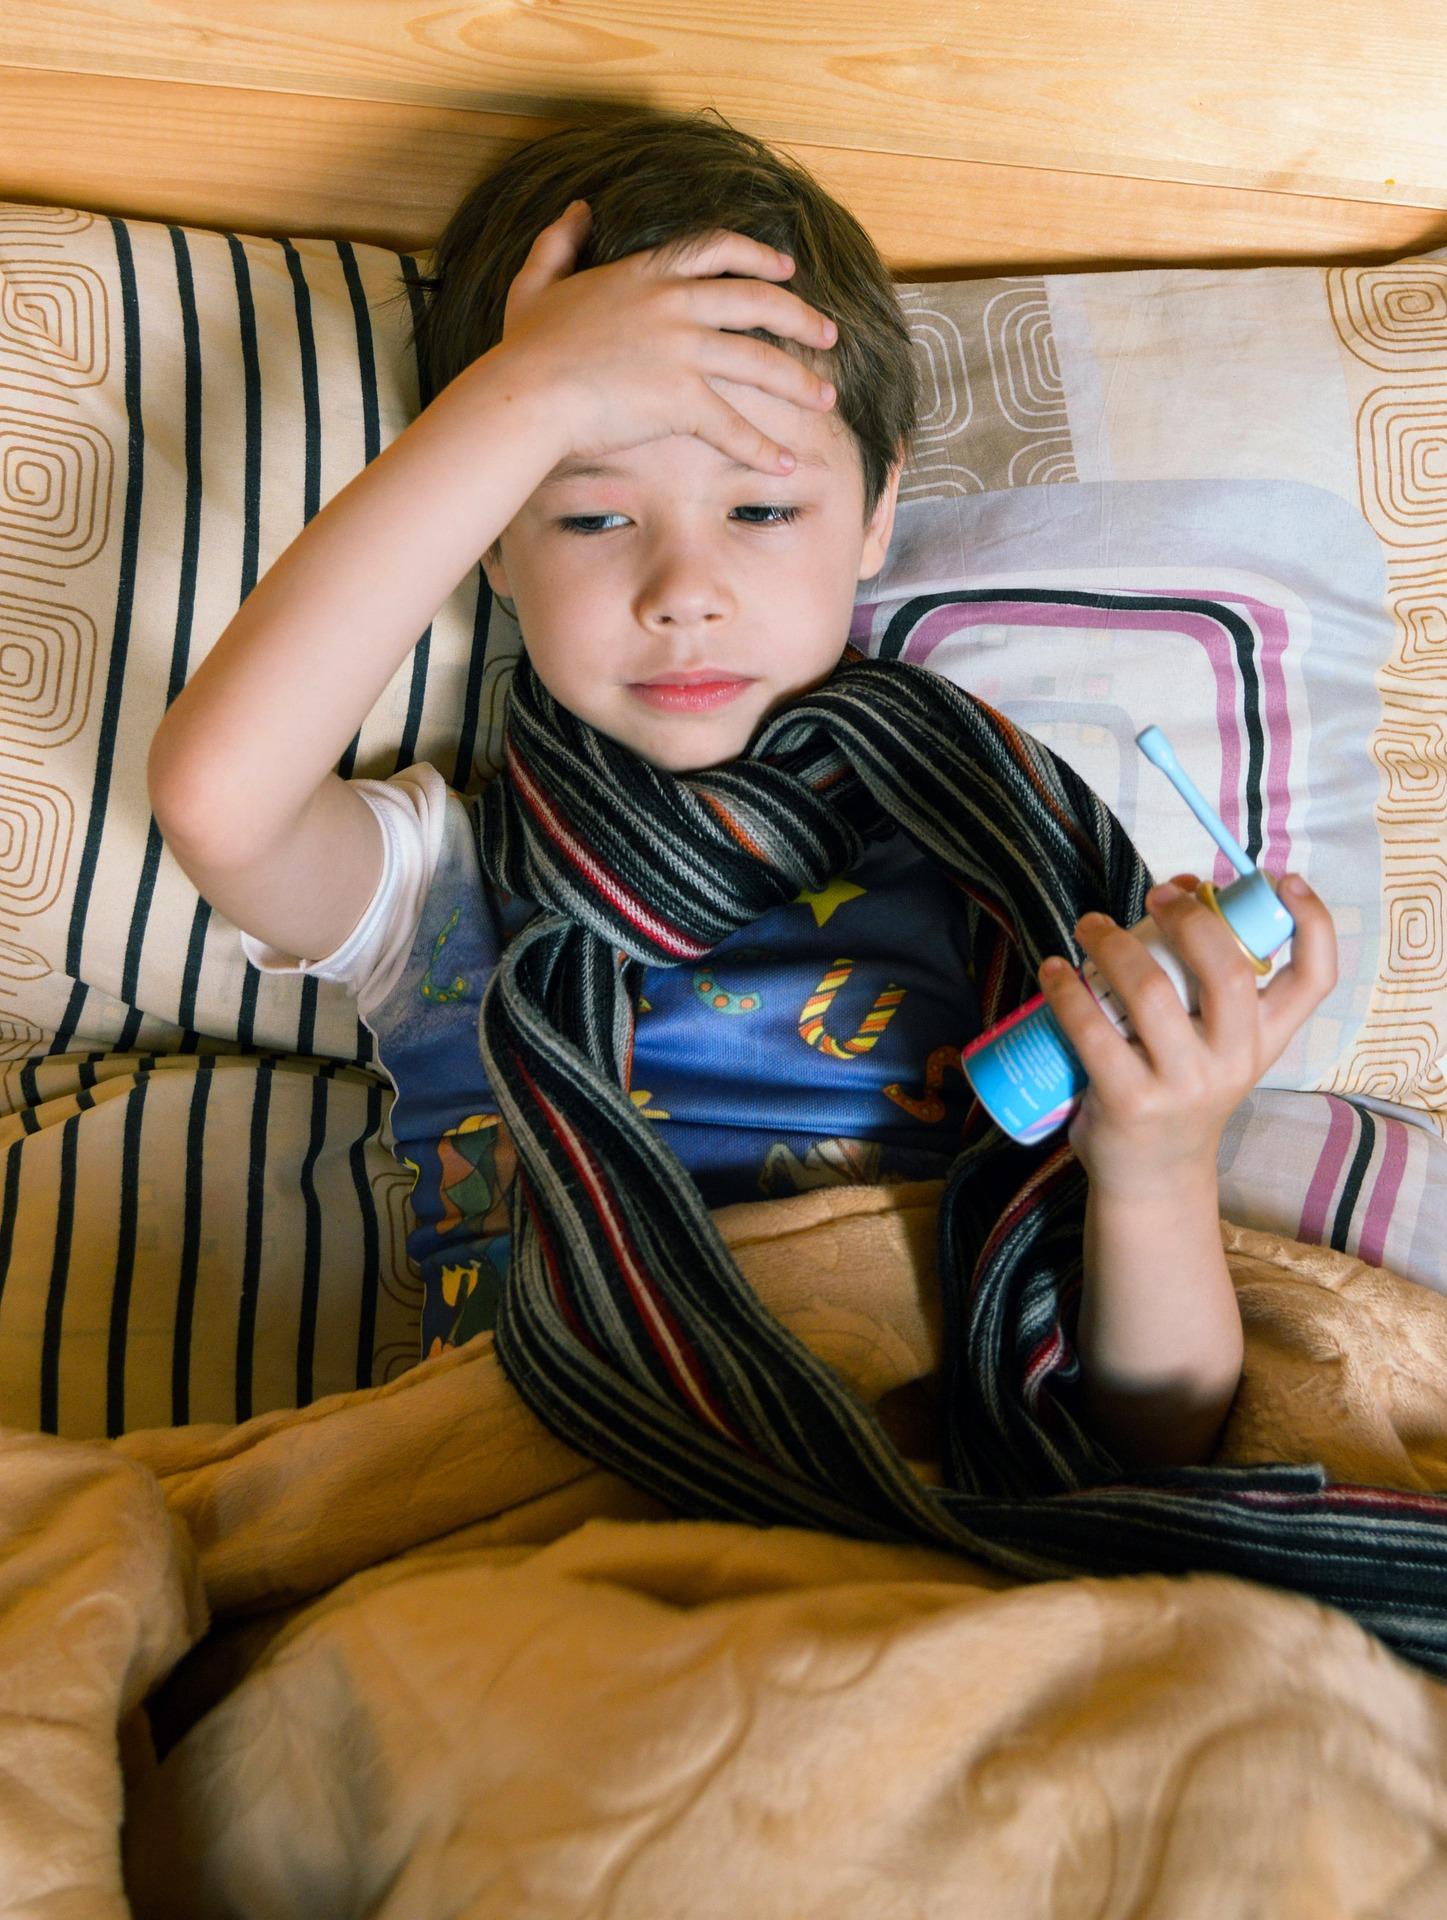 Ein krankes Kind richtig pflegen – Darauf musst Du achten